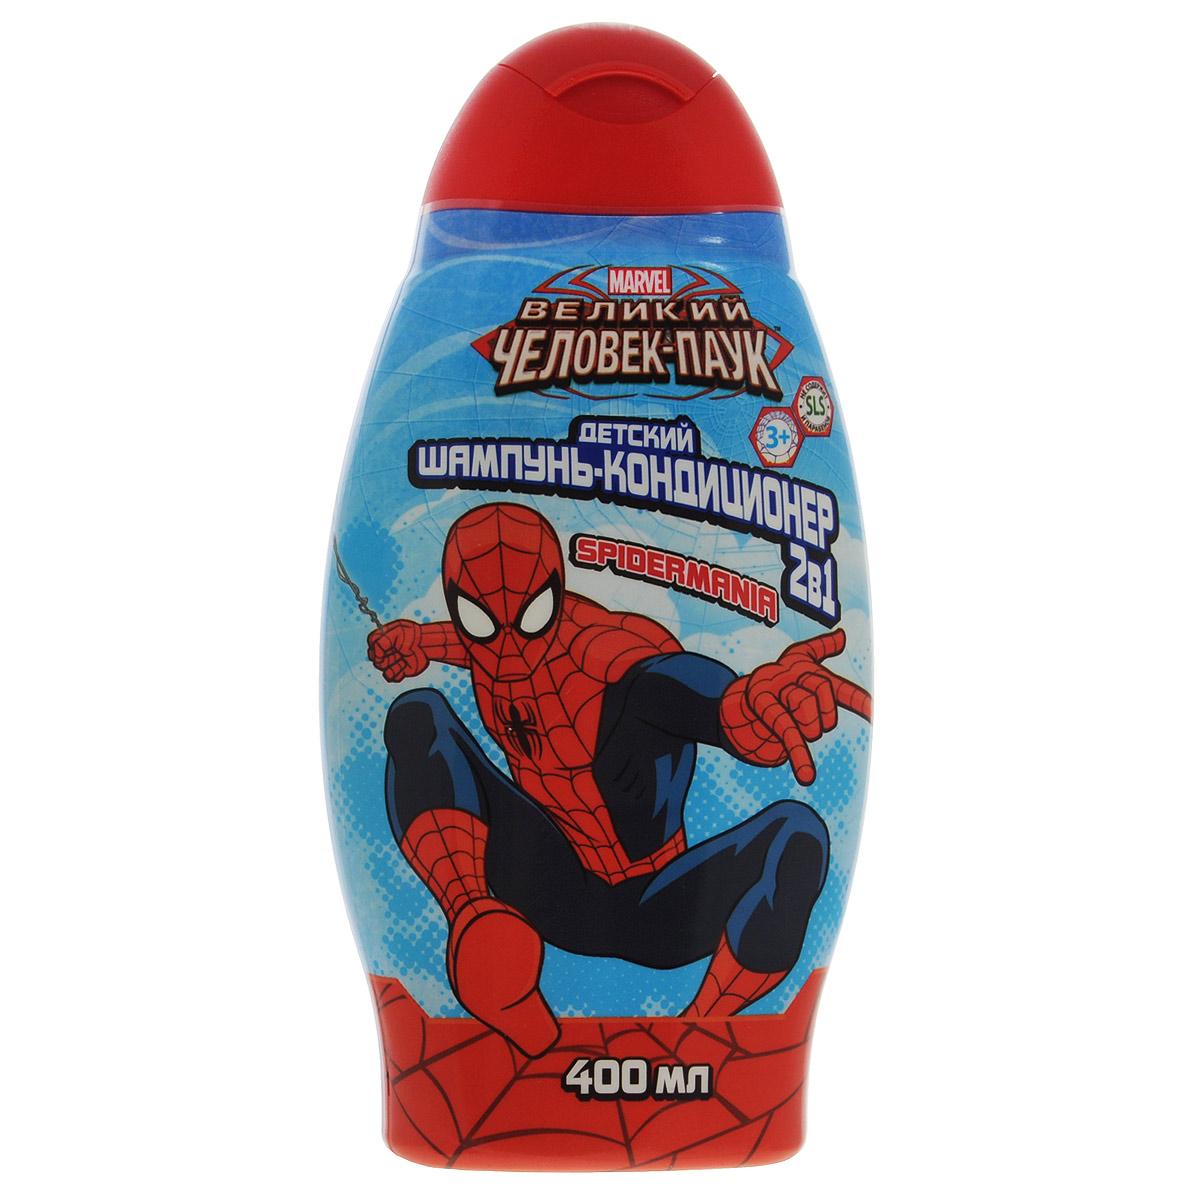 Spider-Man Шампунь с кондиционером 2в1 Spidermania, детский, 400 мл. 1328113281Натуральные компоненты и растительные экстракты, входящие в состав шампуня-кондиционера 2в1 Spidermania, обеспечат бережный уход и позаботятся о красоте и здоровье волос. Мягкая текстура и приятный аромат шампуня подарят отличное настроение и заряд энергии на весь день! Такой шампунь понравится вашему маленькому супергерою и превратит купание в веселое приключение! Товар сертифицирован.